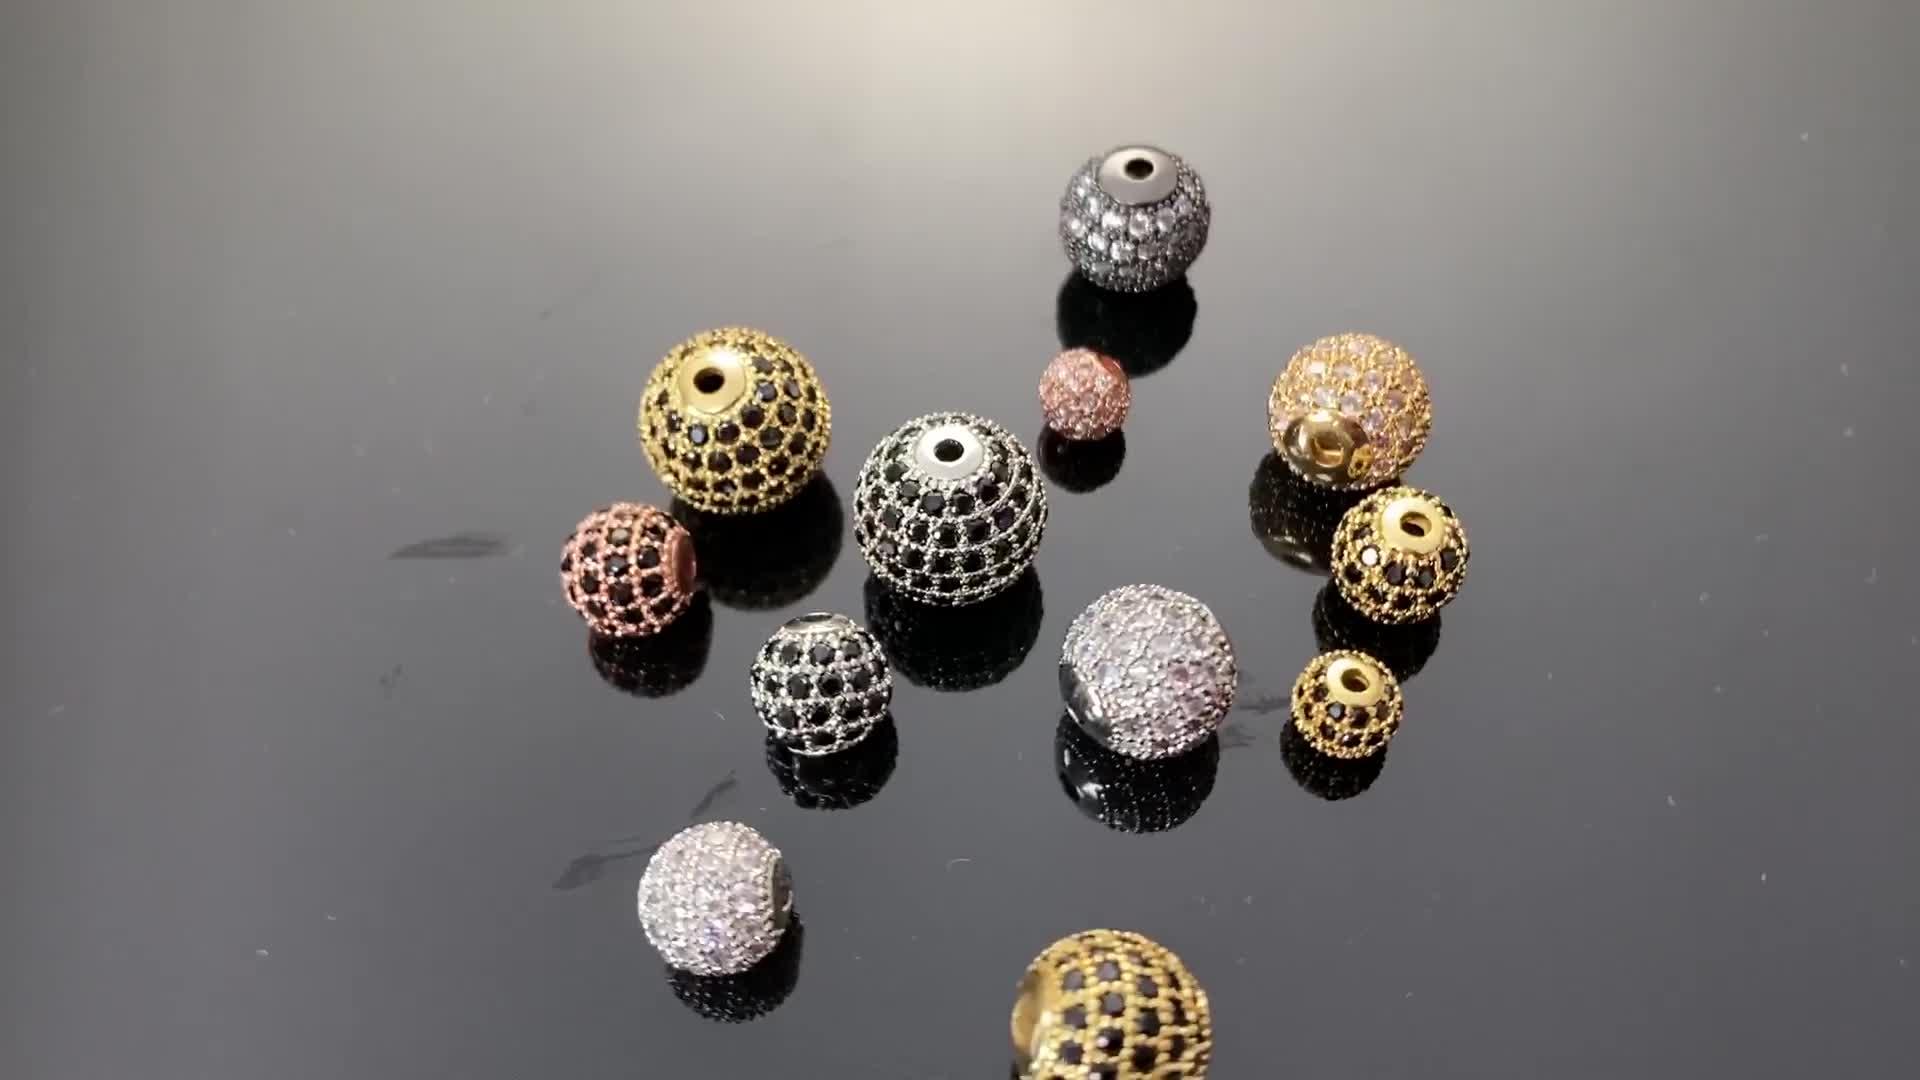 Bricolage Bracelet collier pavé CZ Zircon breloque pour la fabrication de bijoux accessoires 6mm 8mm 10mm 12mm bricolage rond perles entretoises